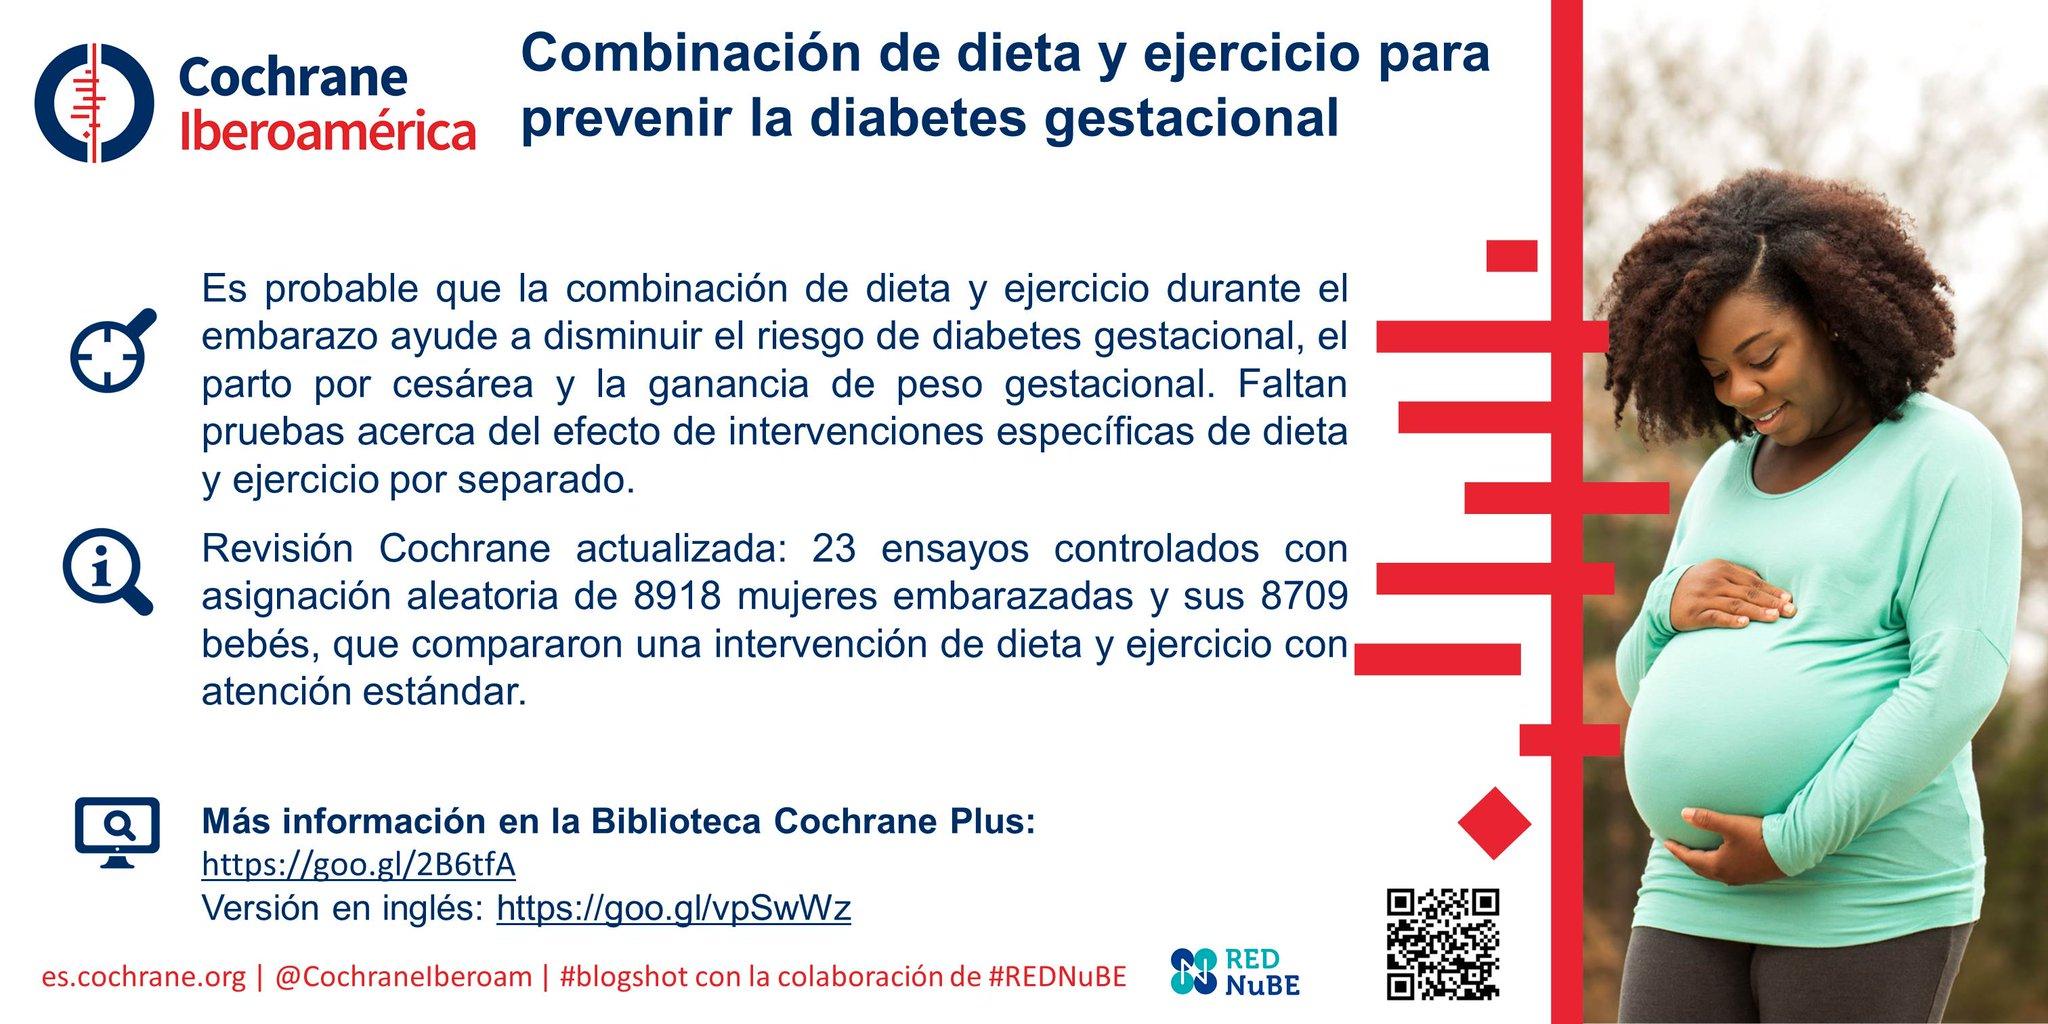 dietas para diabetes gestacional durante el embarazo